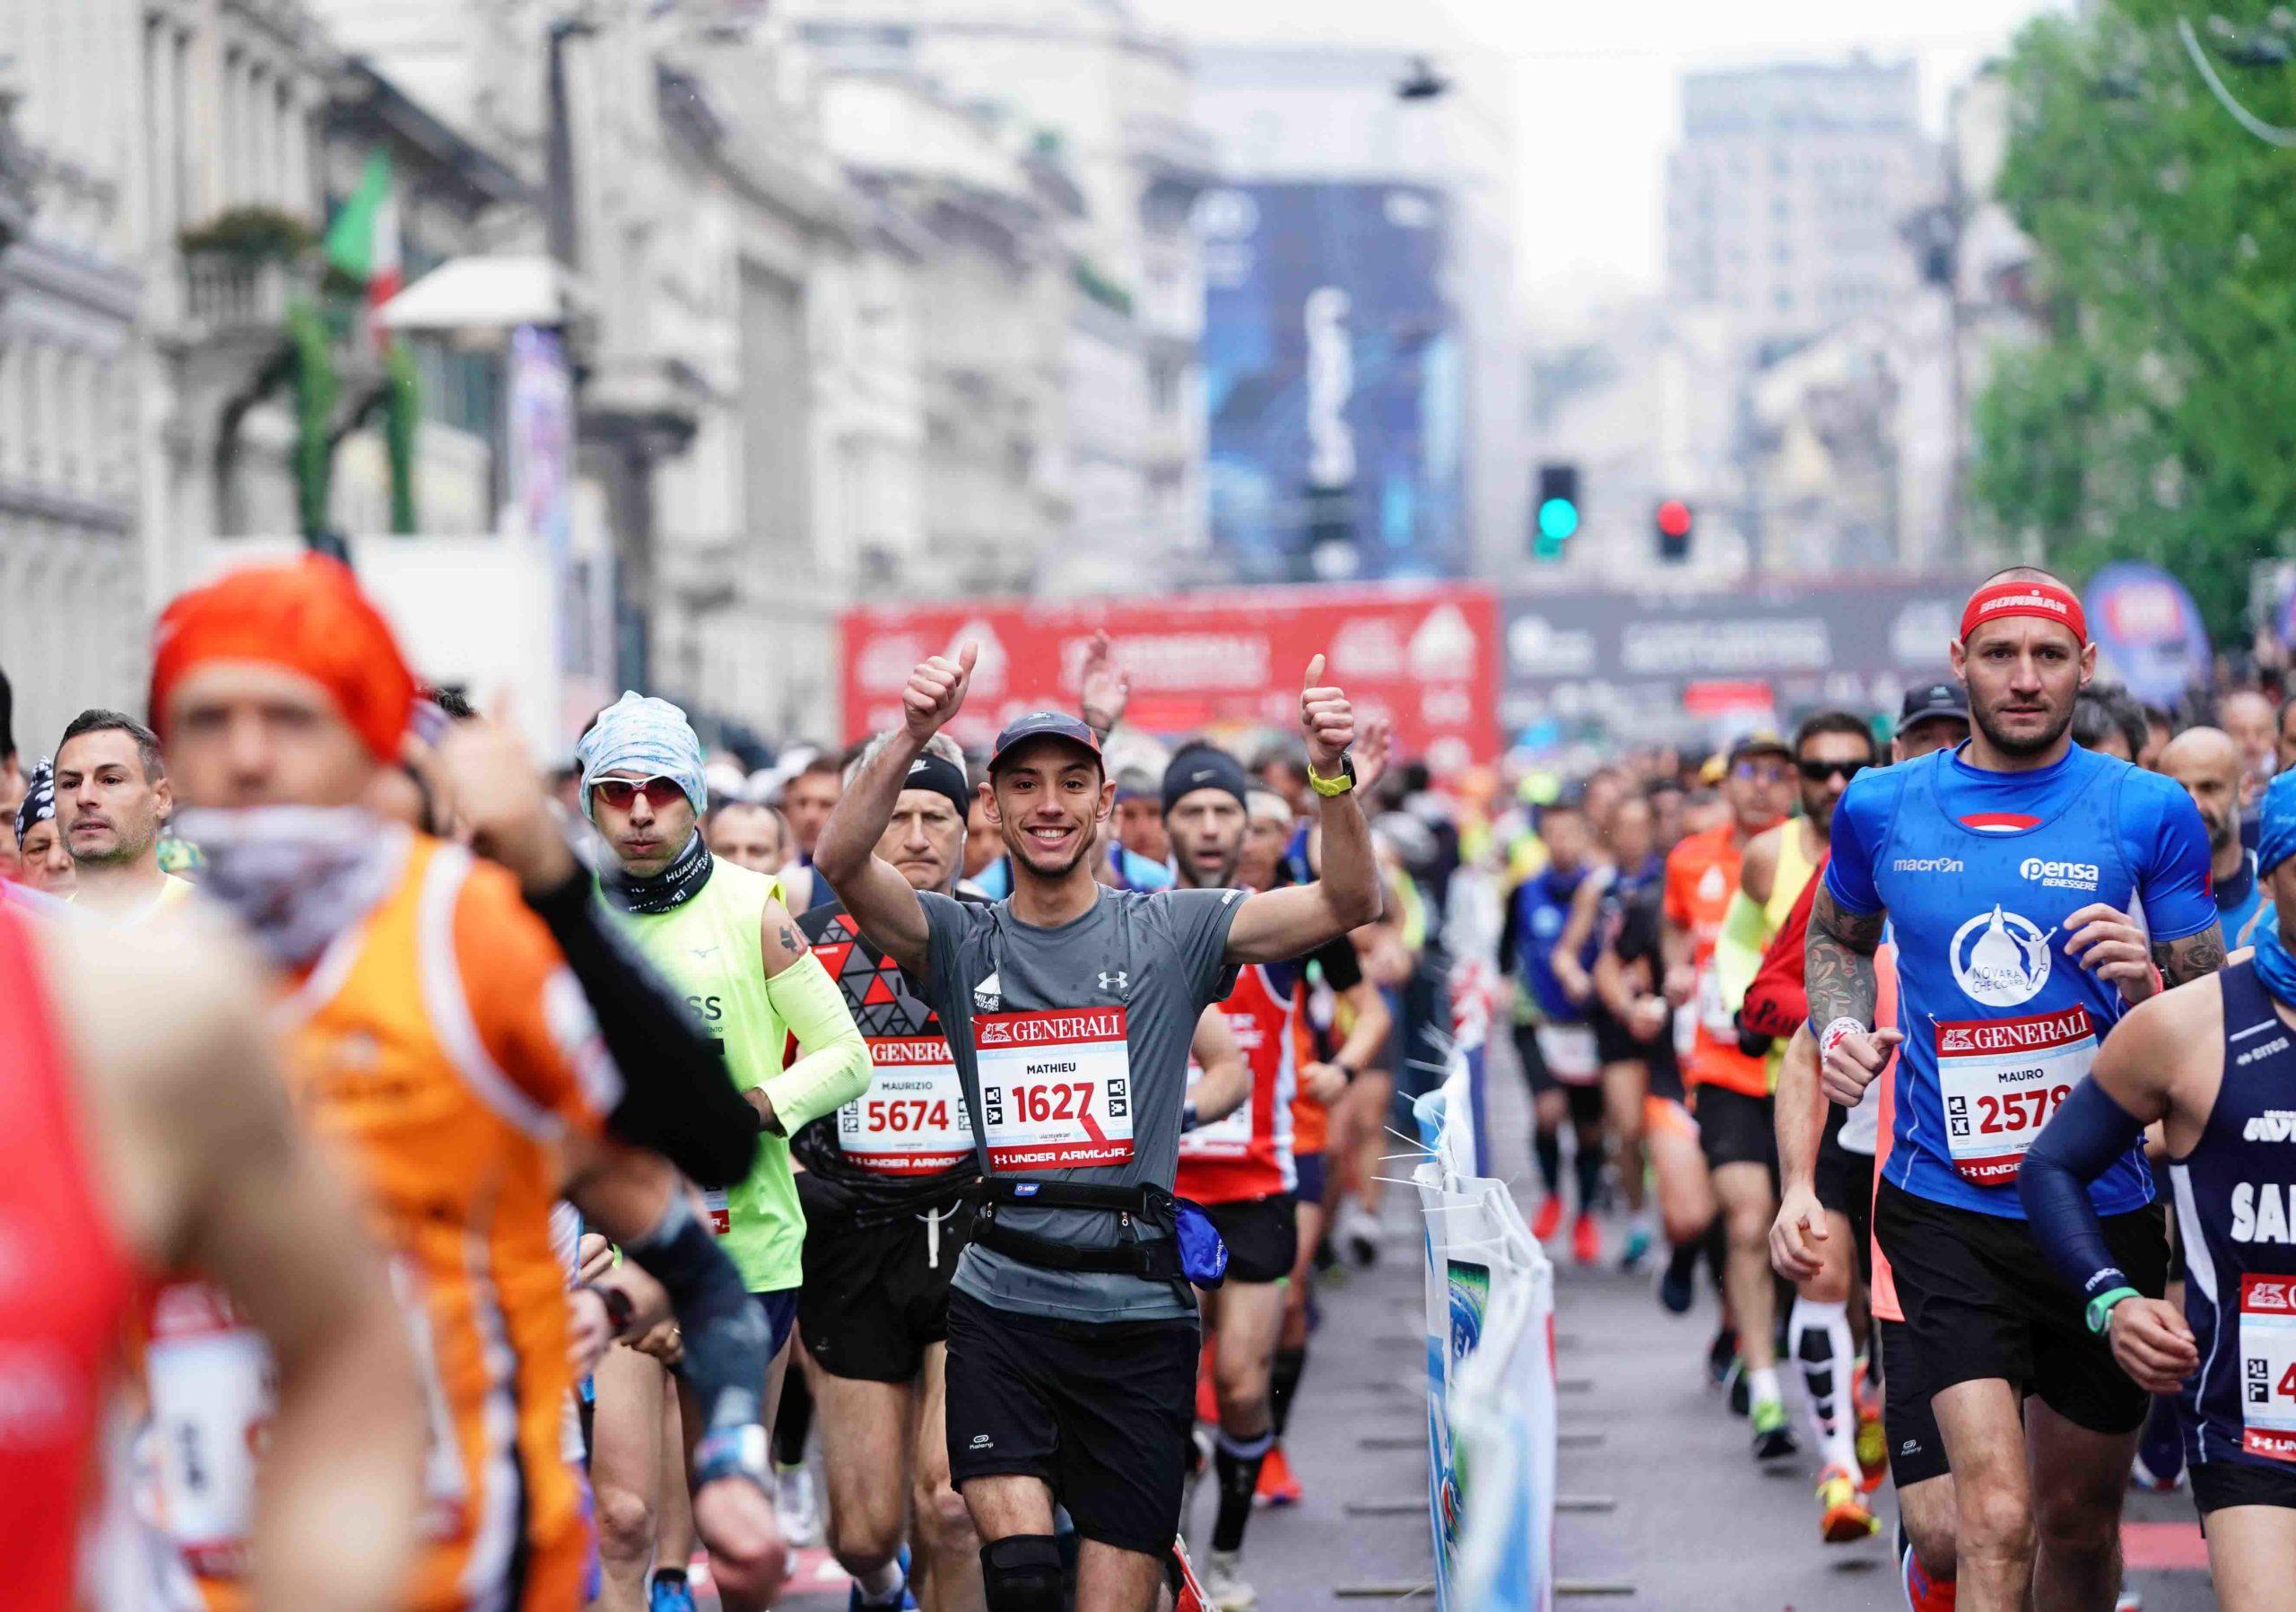 Maratona Roma, oltre 2mila atleti provenienti da 60 Paesi